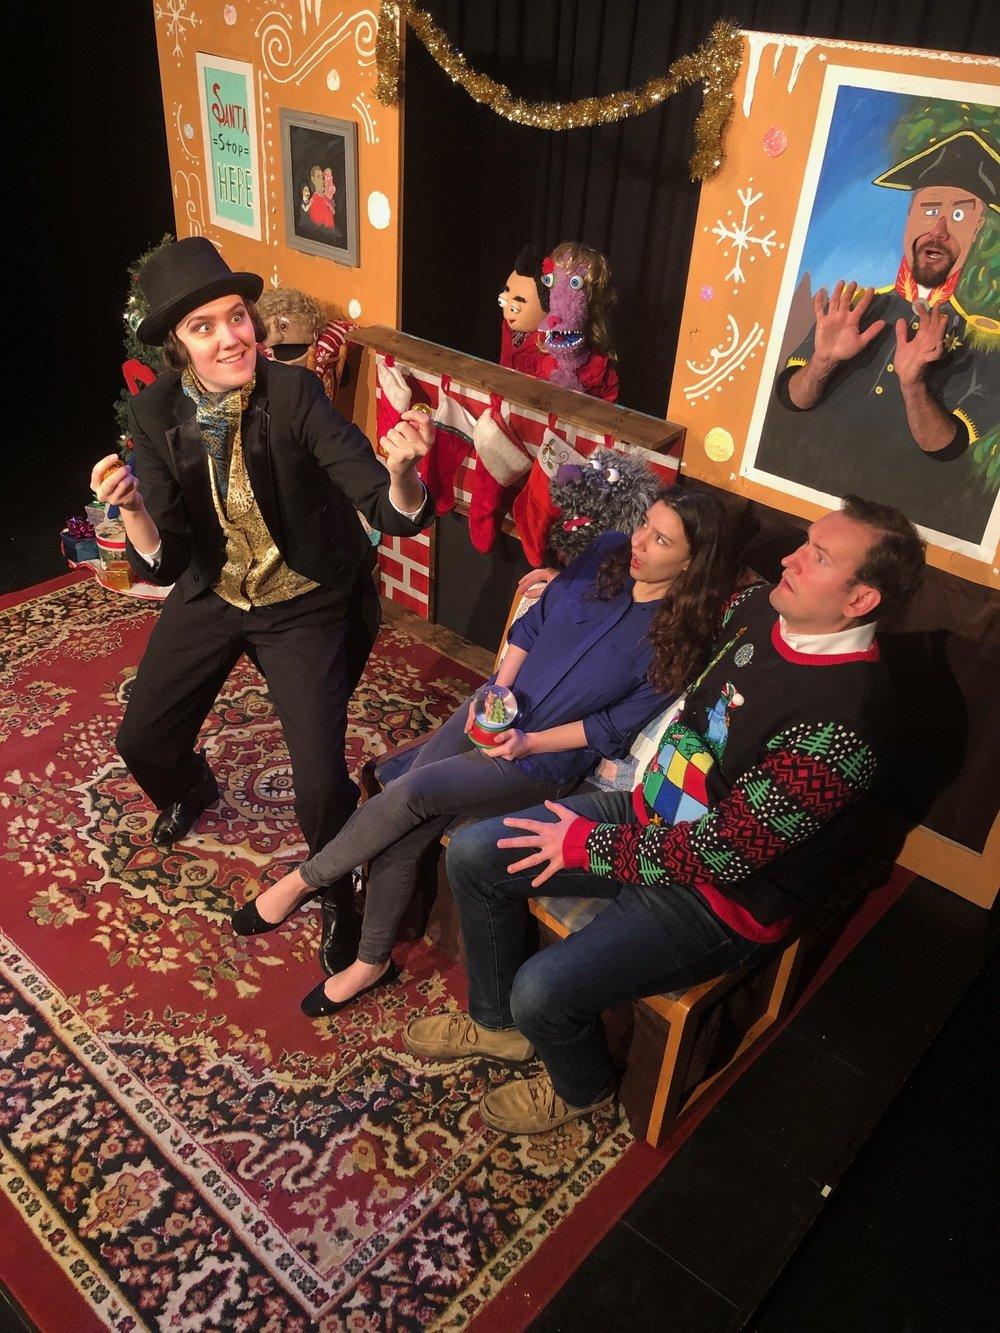 Ismaela Stewart , Aly Mazzie and Dave Sucharski